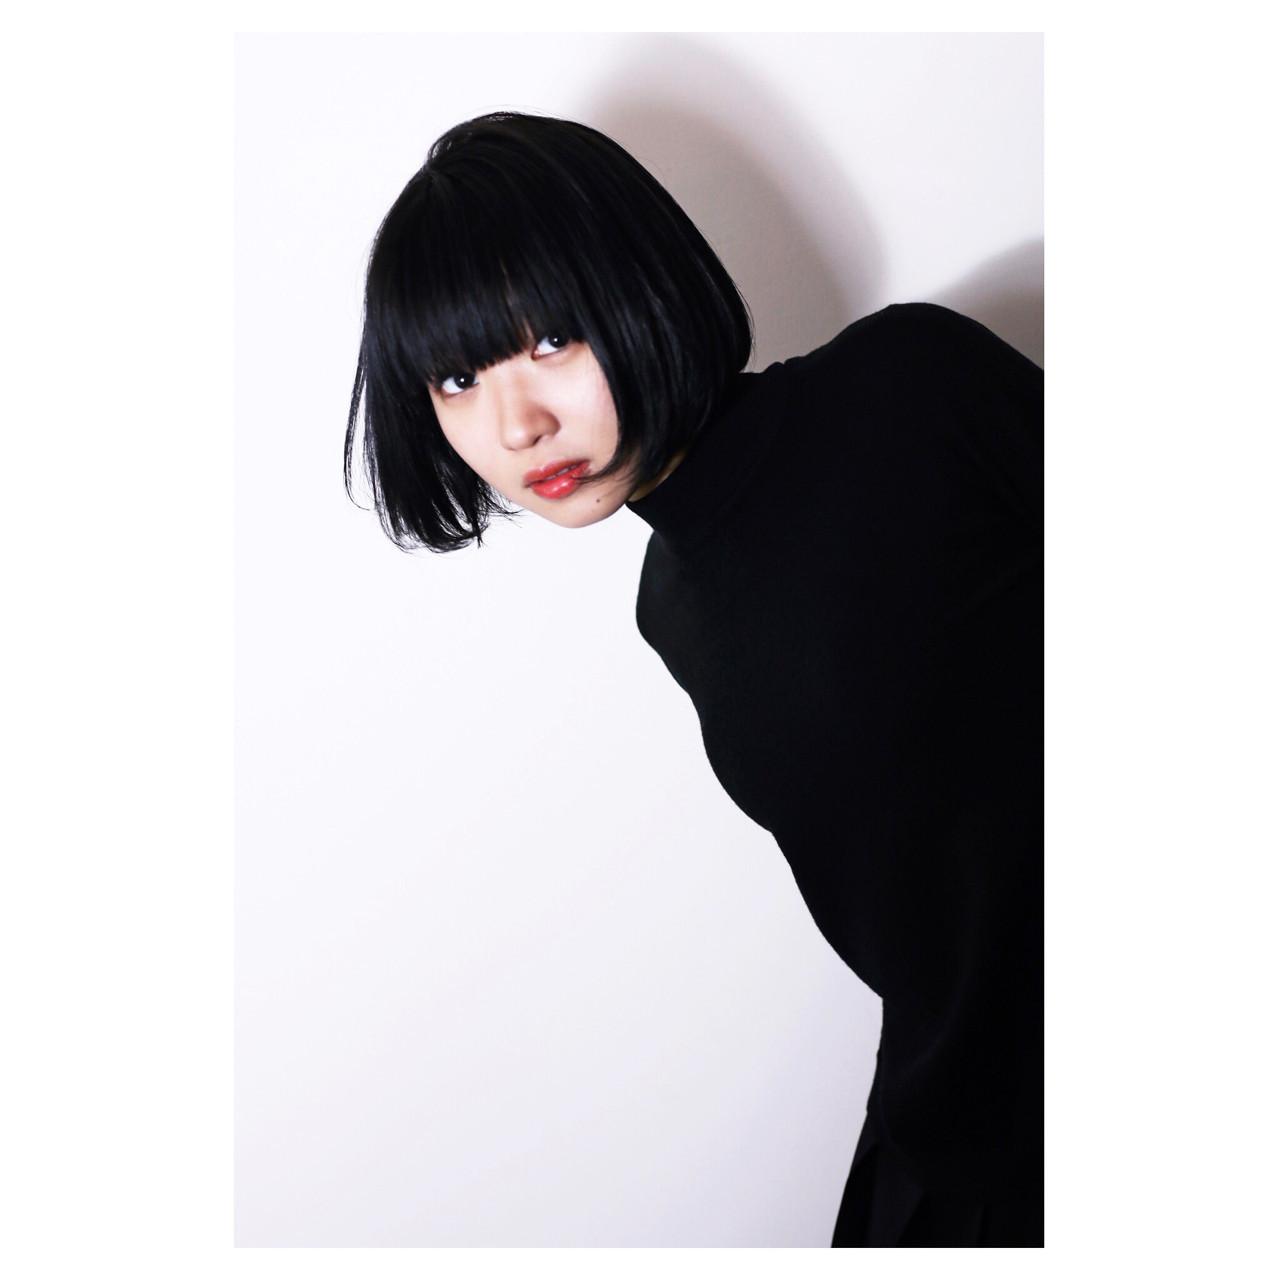 モード 黒髪 ボブ ワンレングス ヘアスタイルや髪型の写真・画像